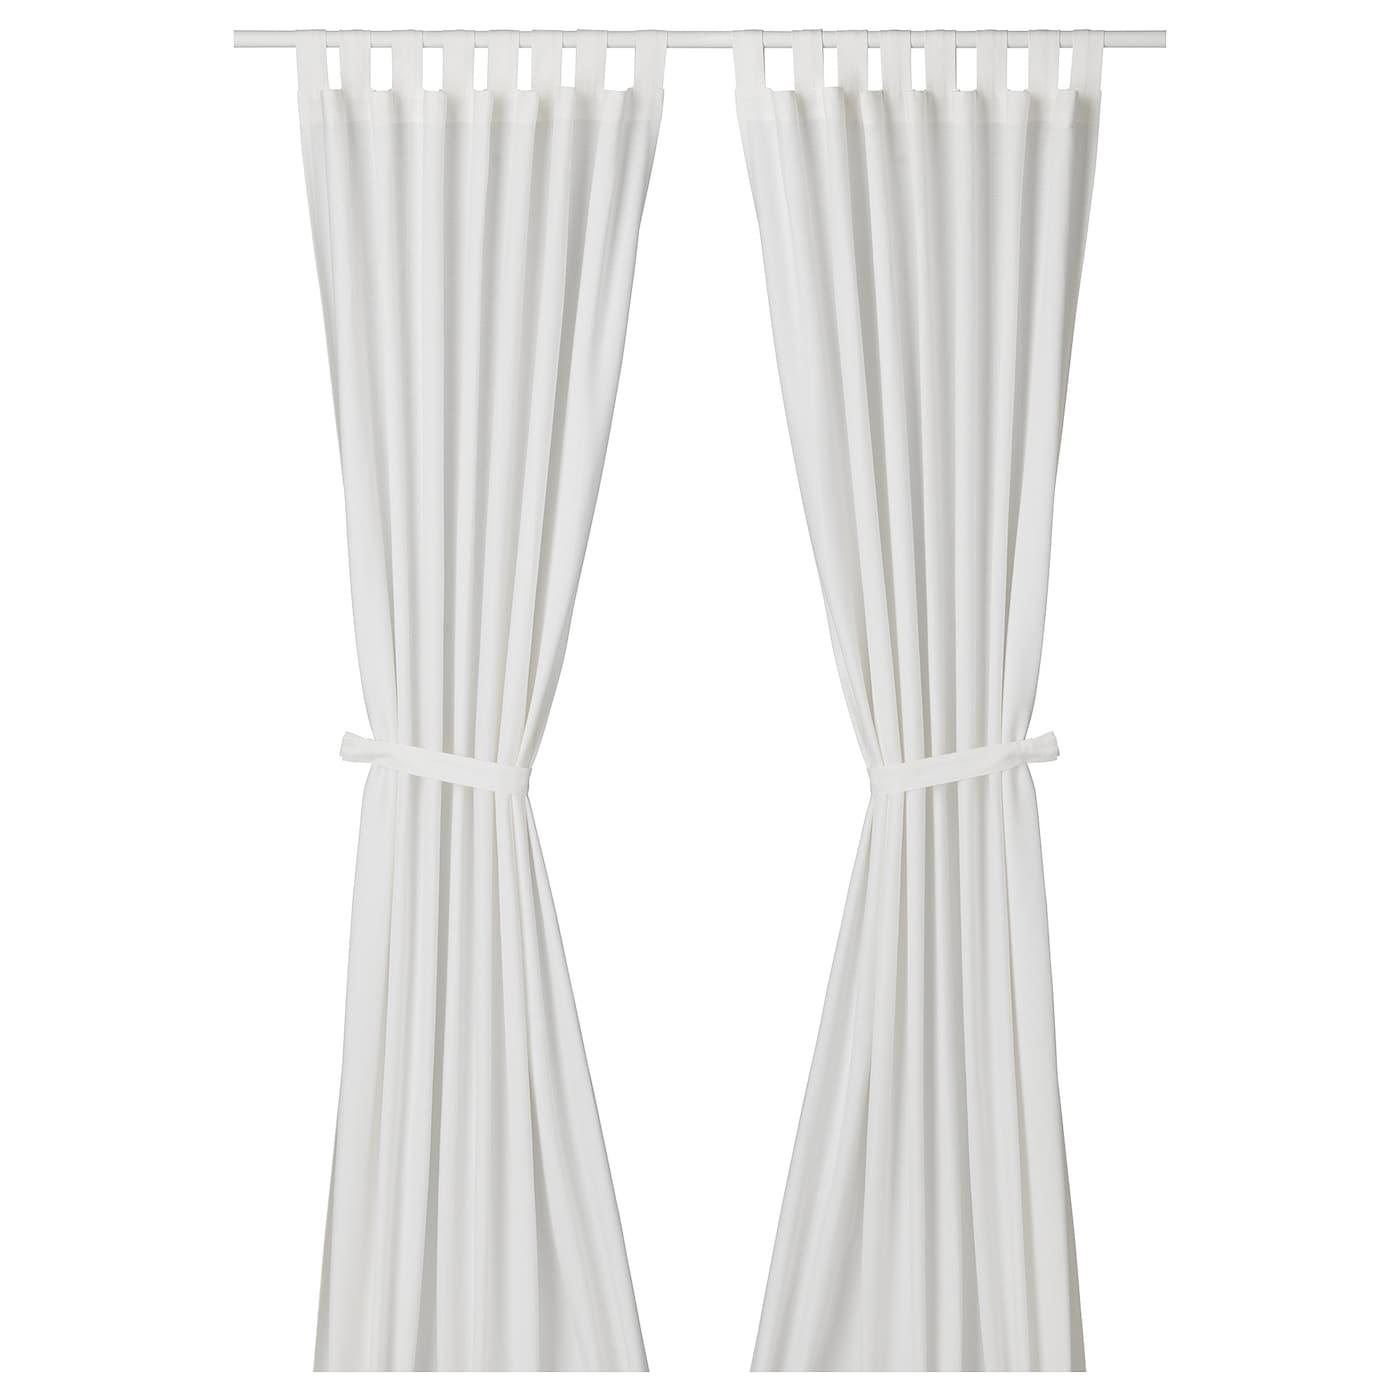 lenda rideaux embrasses 1 paire blanc 140 x 300 cm ikea